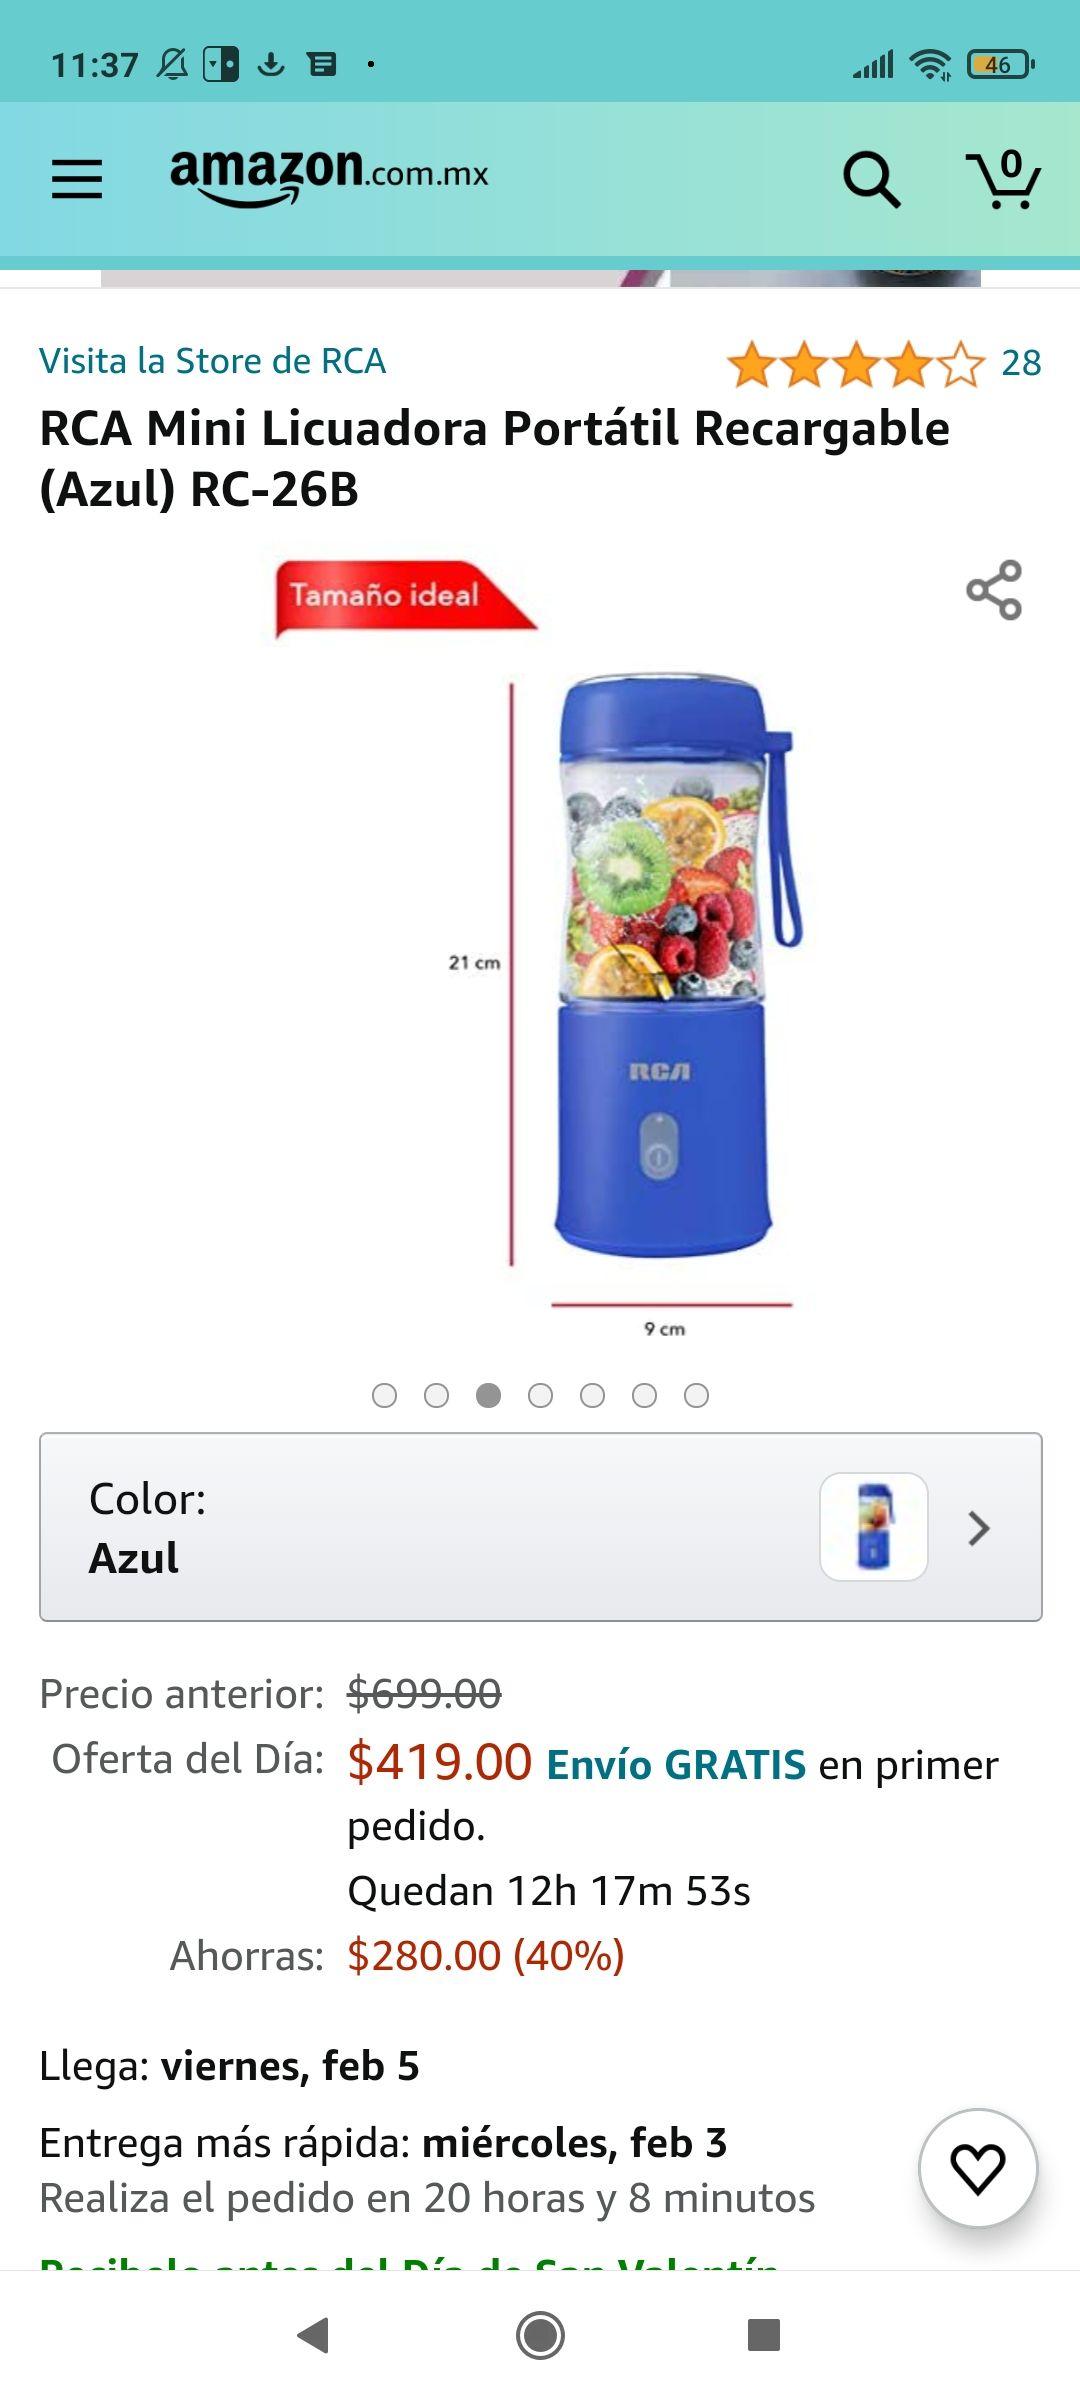 Amazon: Mini Licuadora Portátil Recargable (Azul)